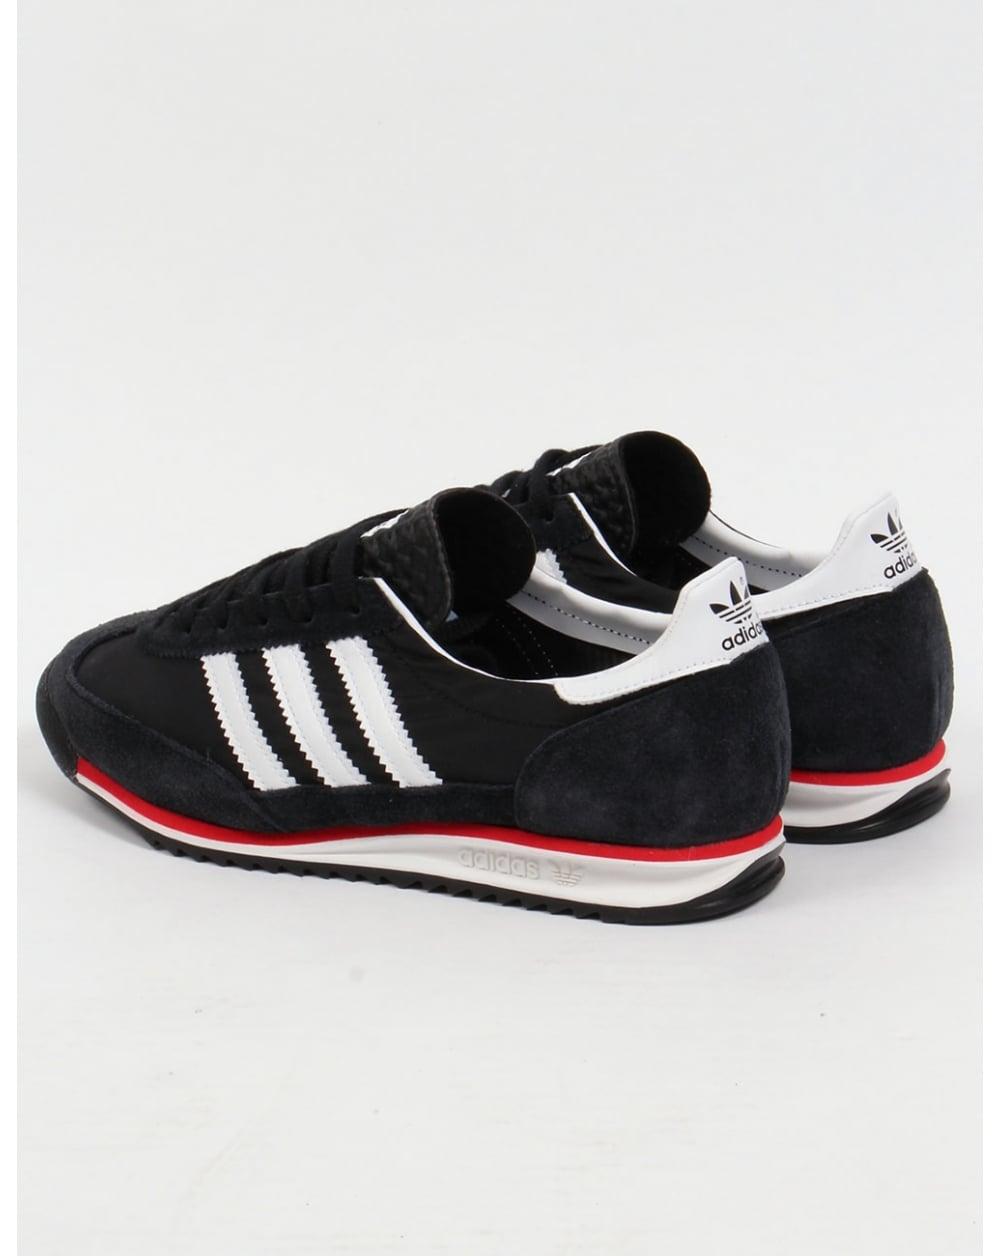 8f47bc19d1378 Adidas SL 72 Black White Red freelaptopswithmobilephones.co.uk